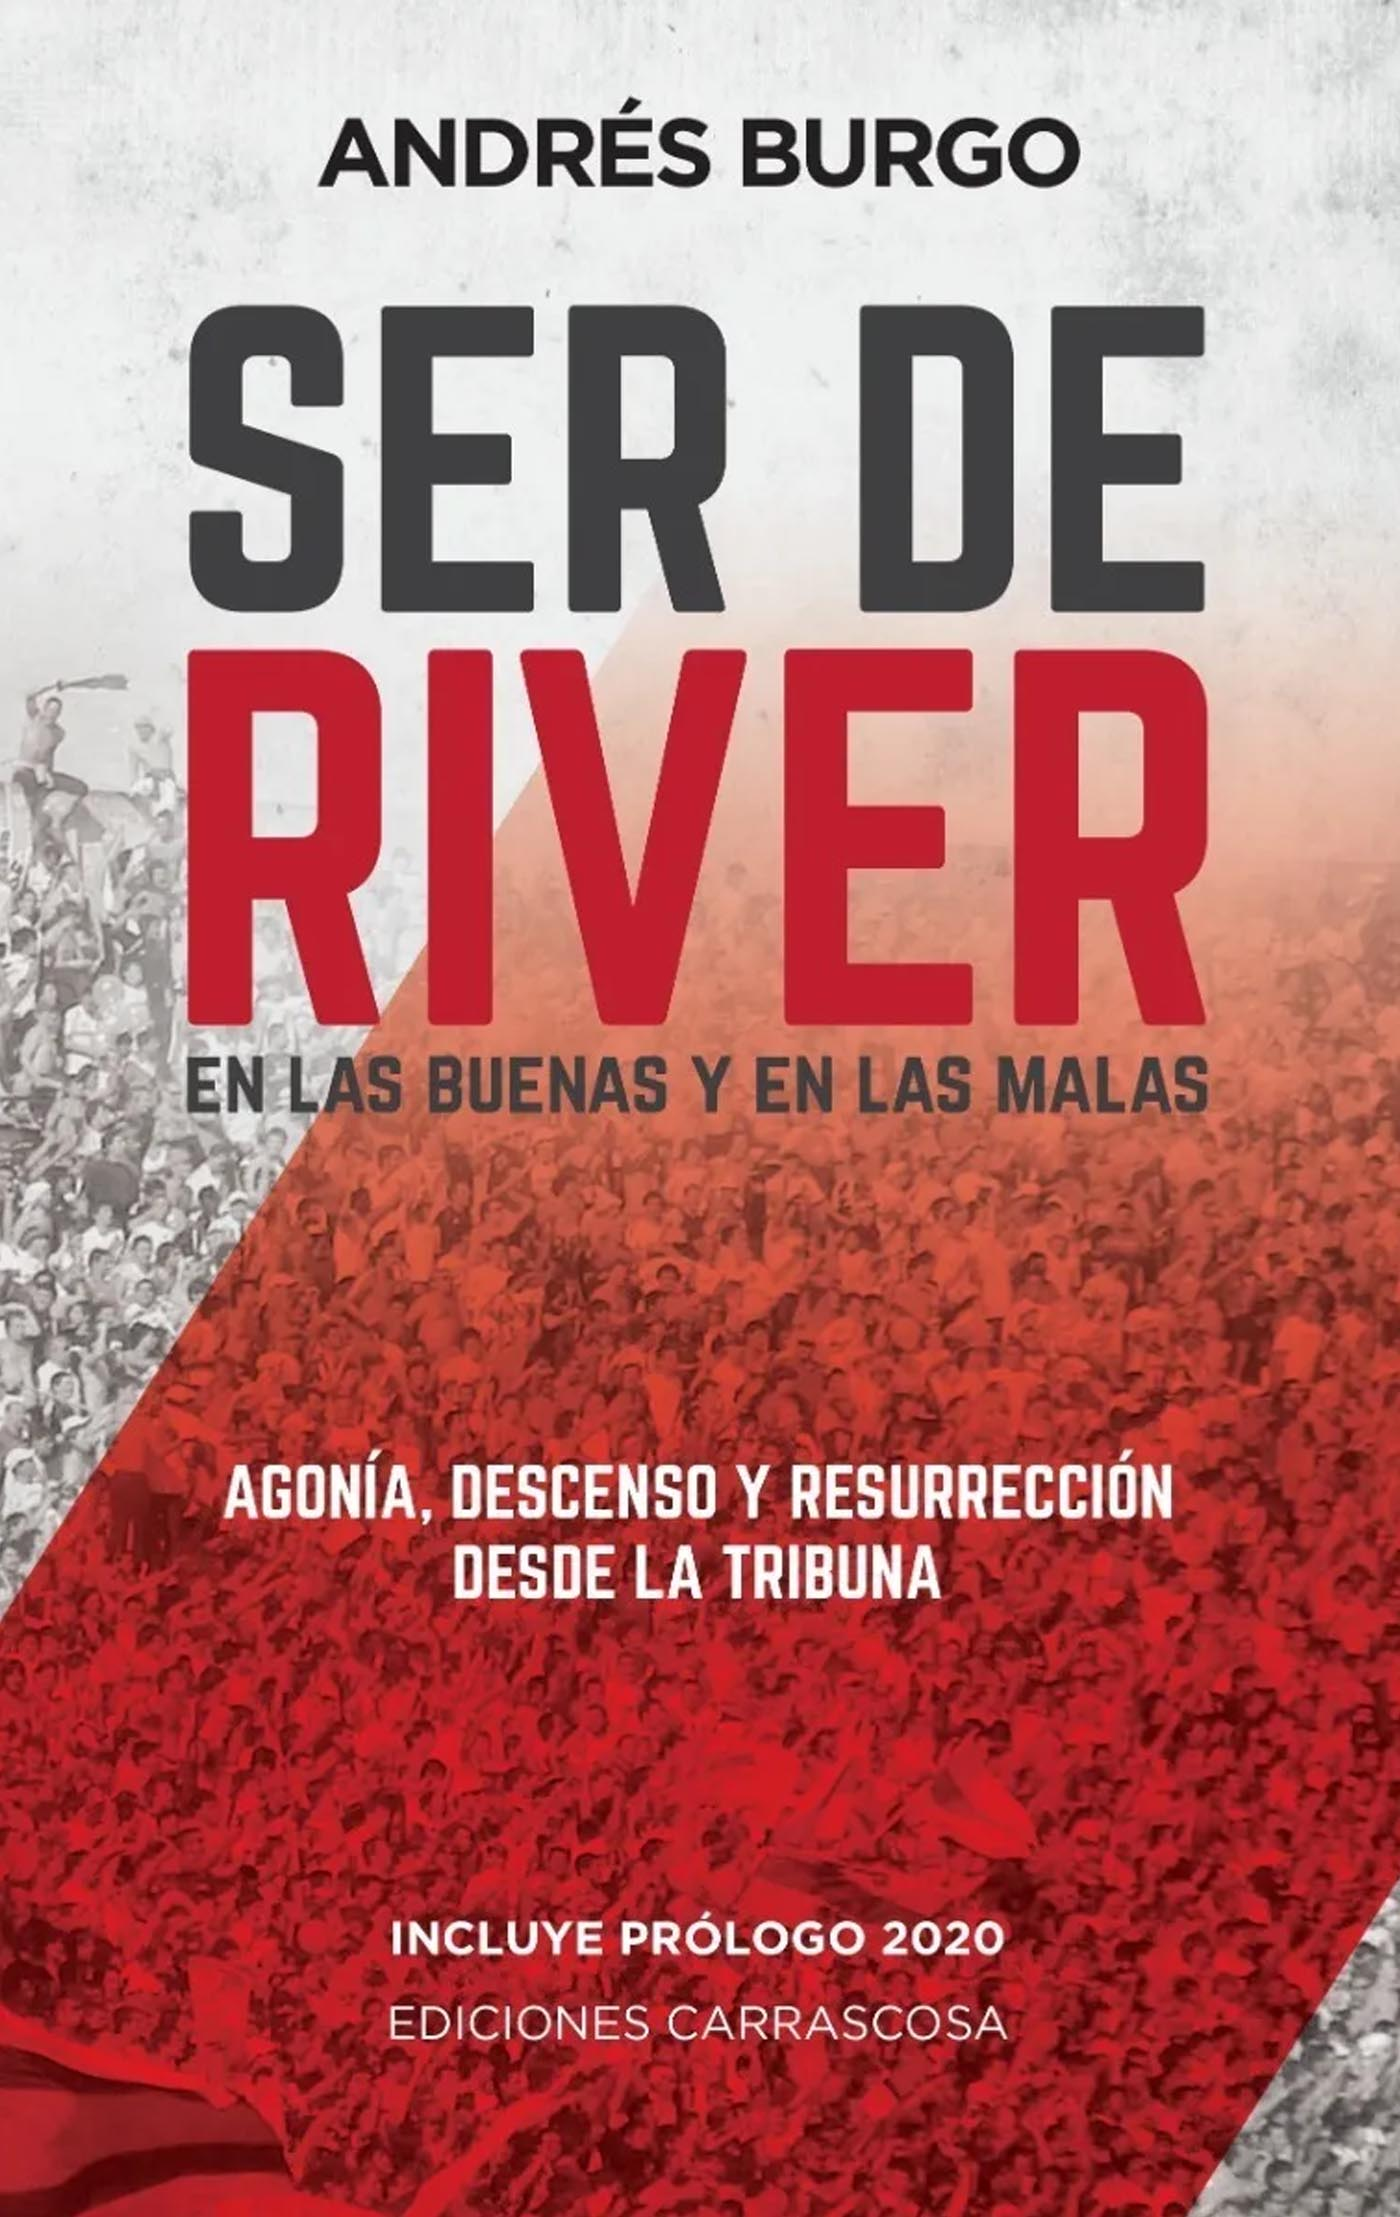 Ser de River Ediciones Carrascosa Andrés Burgo